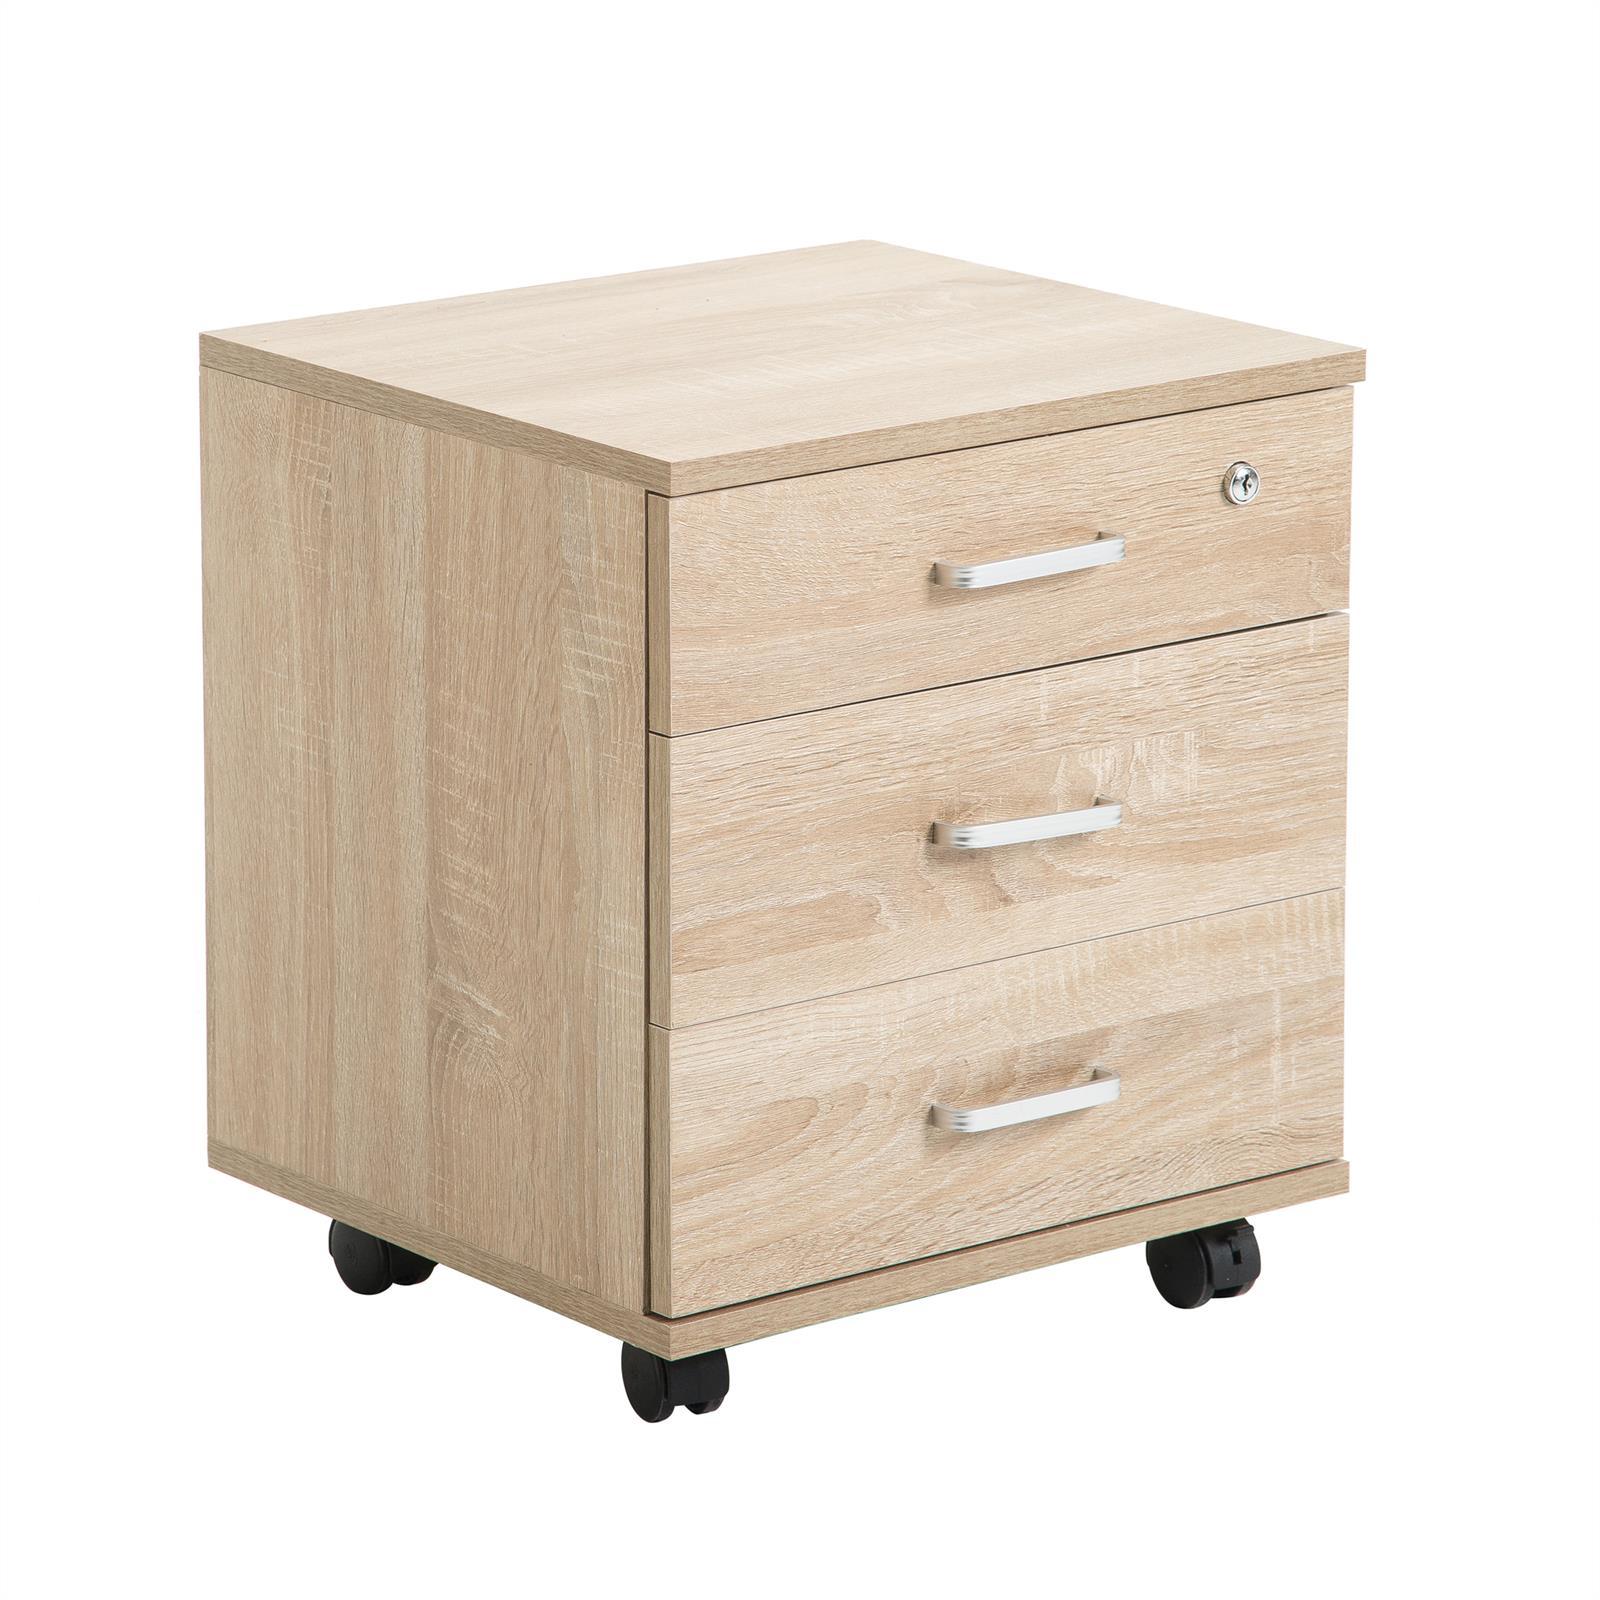 rollcontainer saturn mit 3 schubladen in sonoma eiche caro m bel. Black Bedroom Furniture Sets. Home Design Ideas